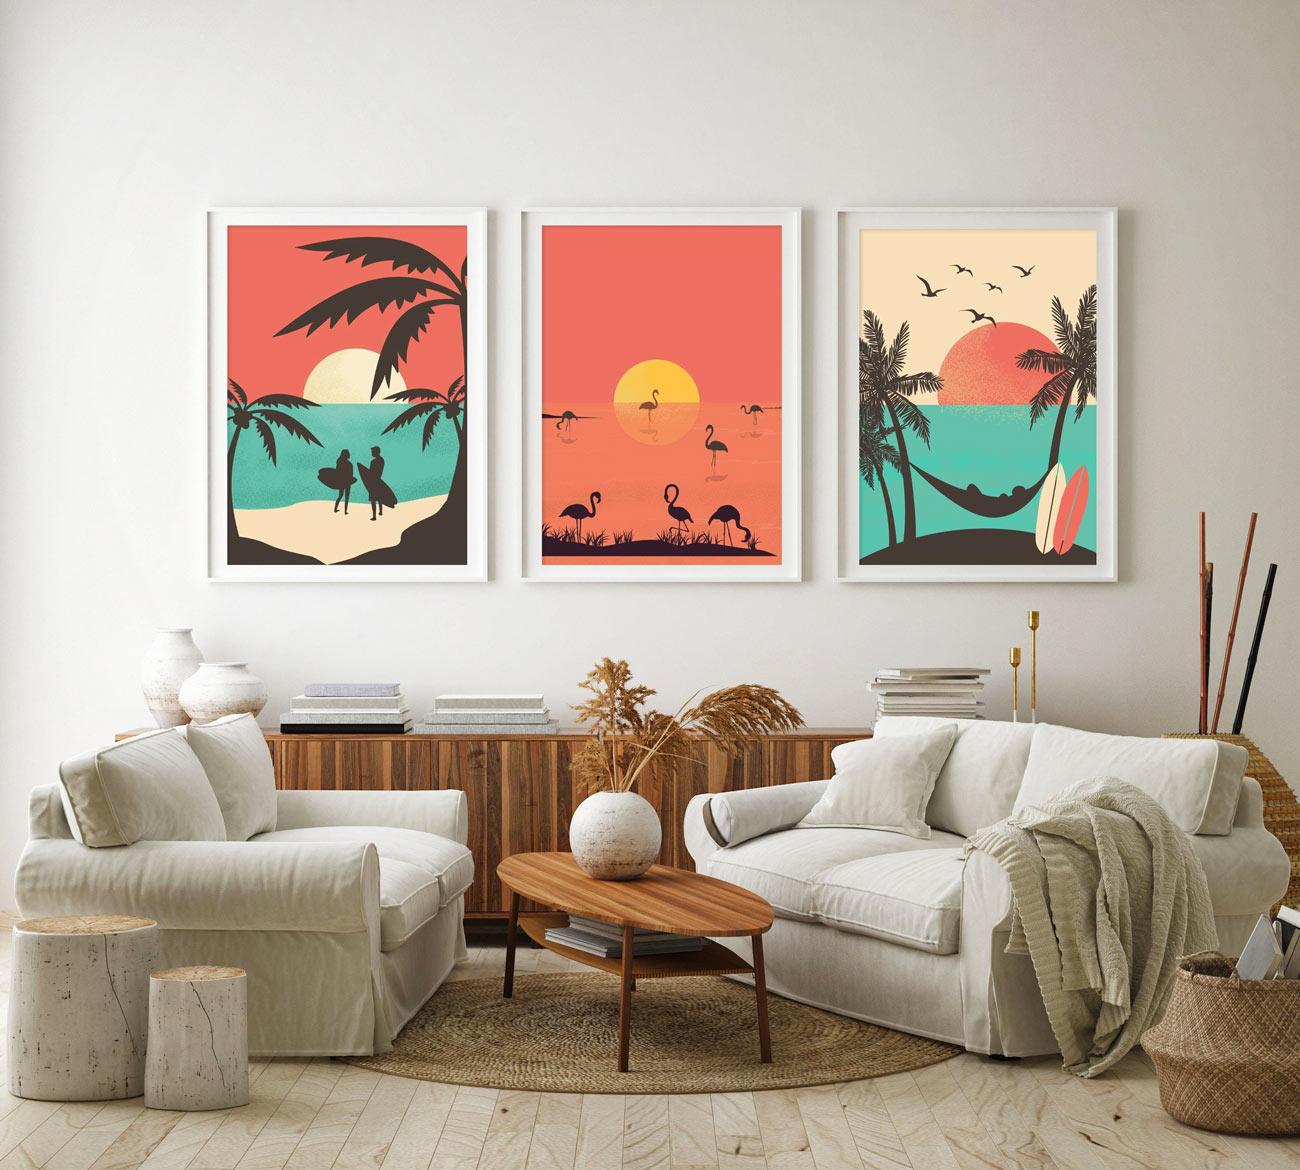 3 quadri moderni sul tema mare con tramonto.